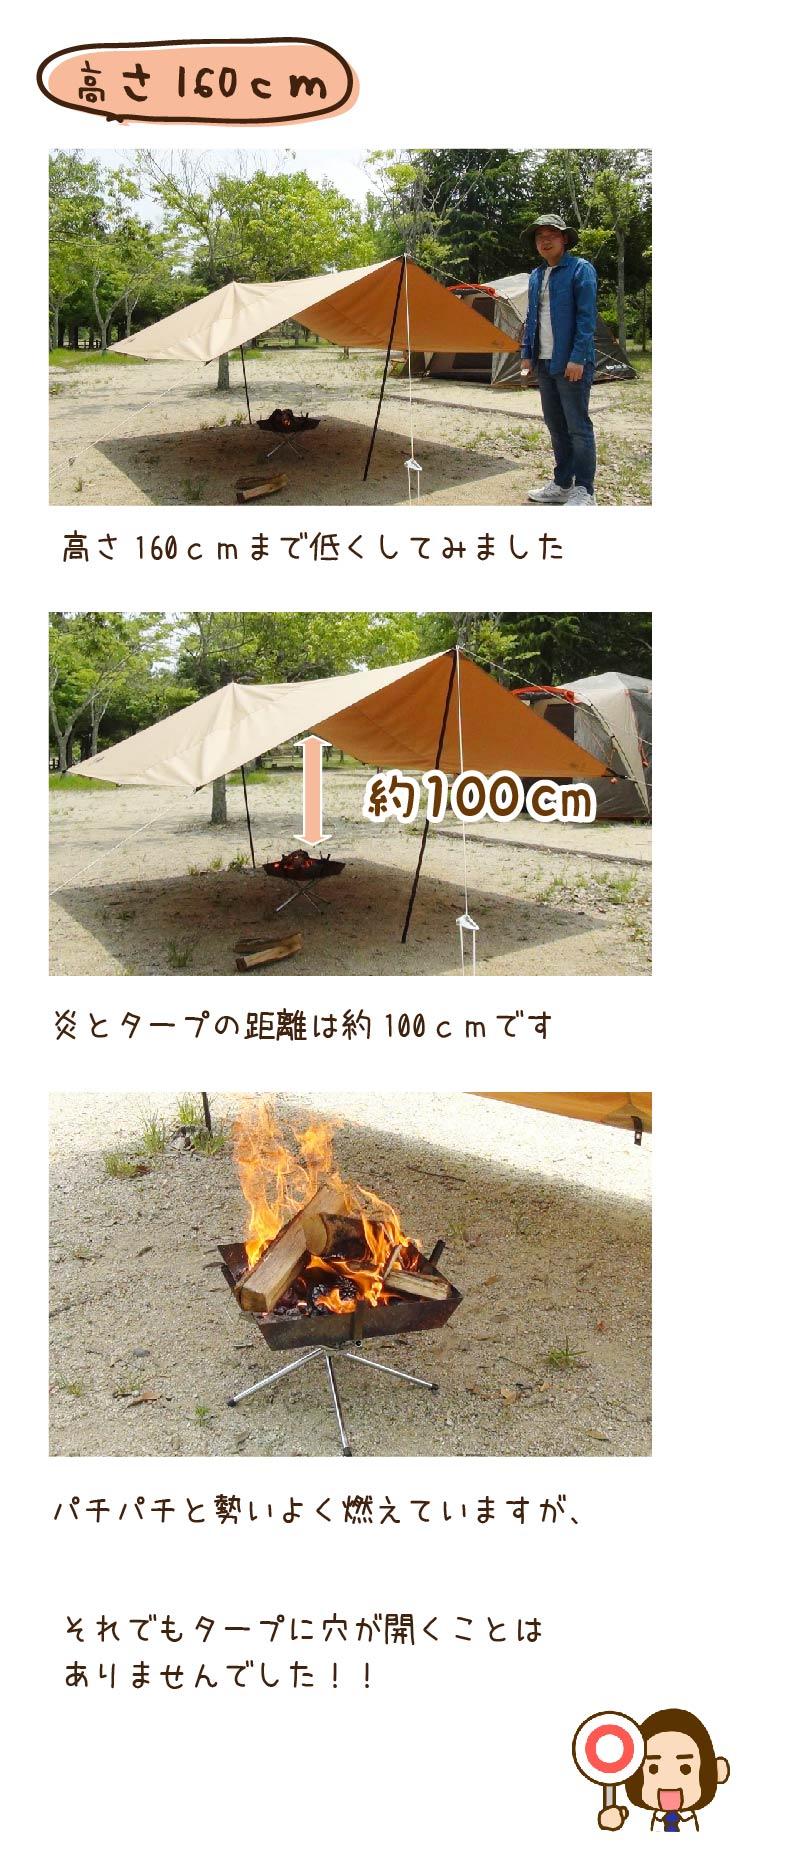 高さが160cmのタープの下での焚火の様子